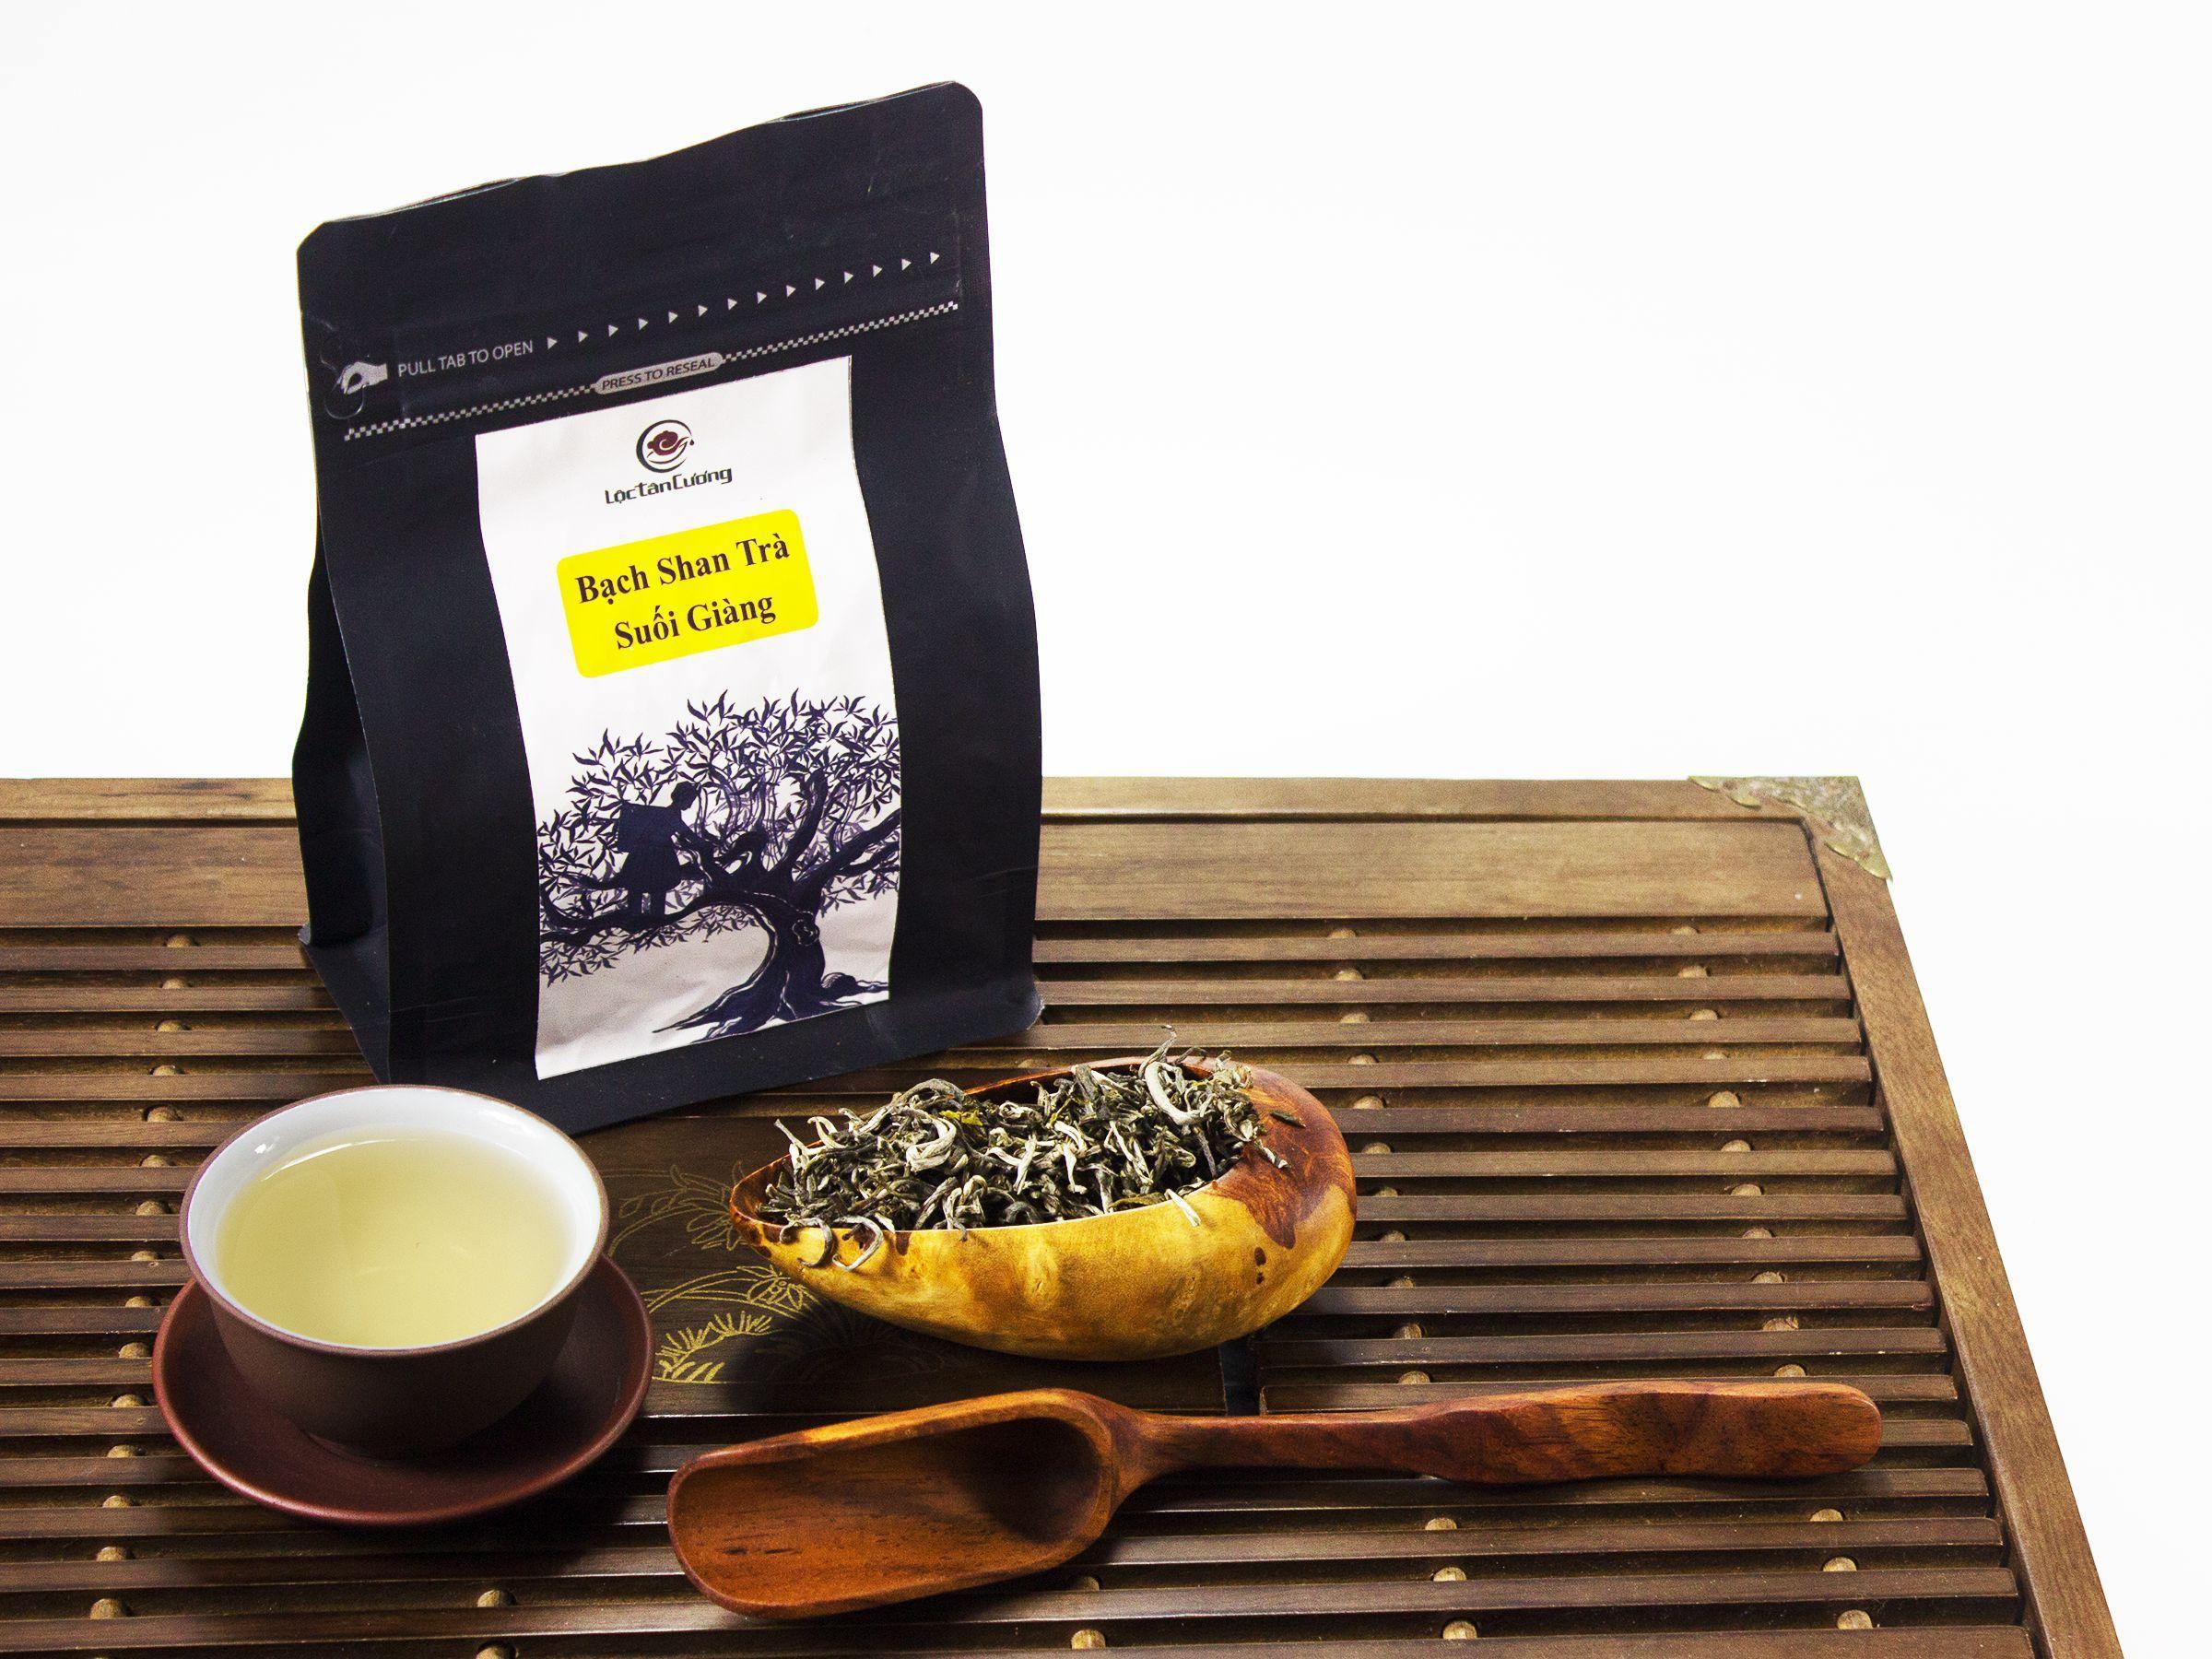 Bạch shan trà Suối Giàng túi 100g: 240.000đ